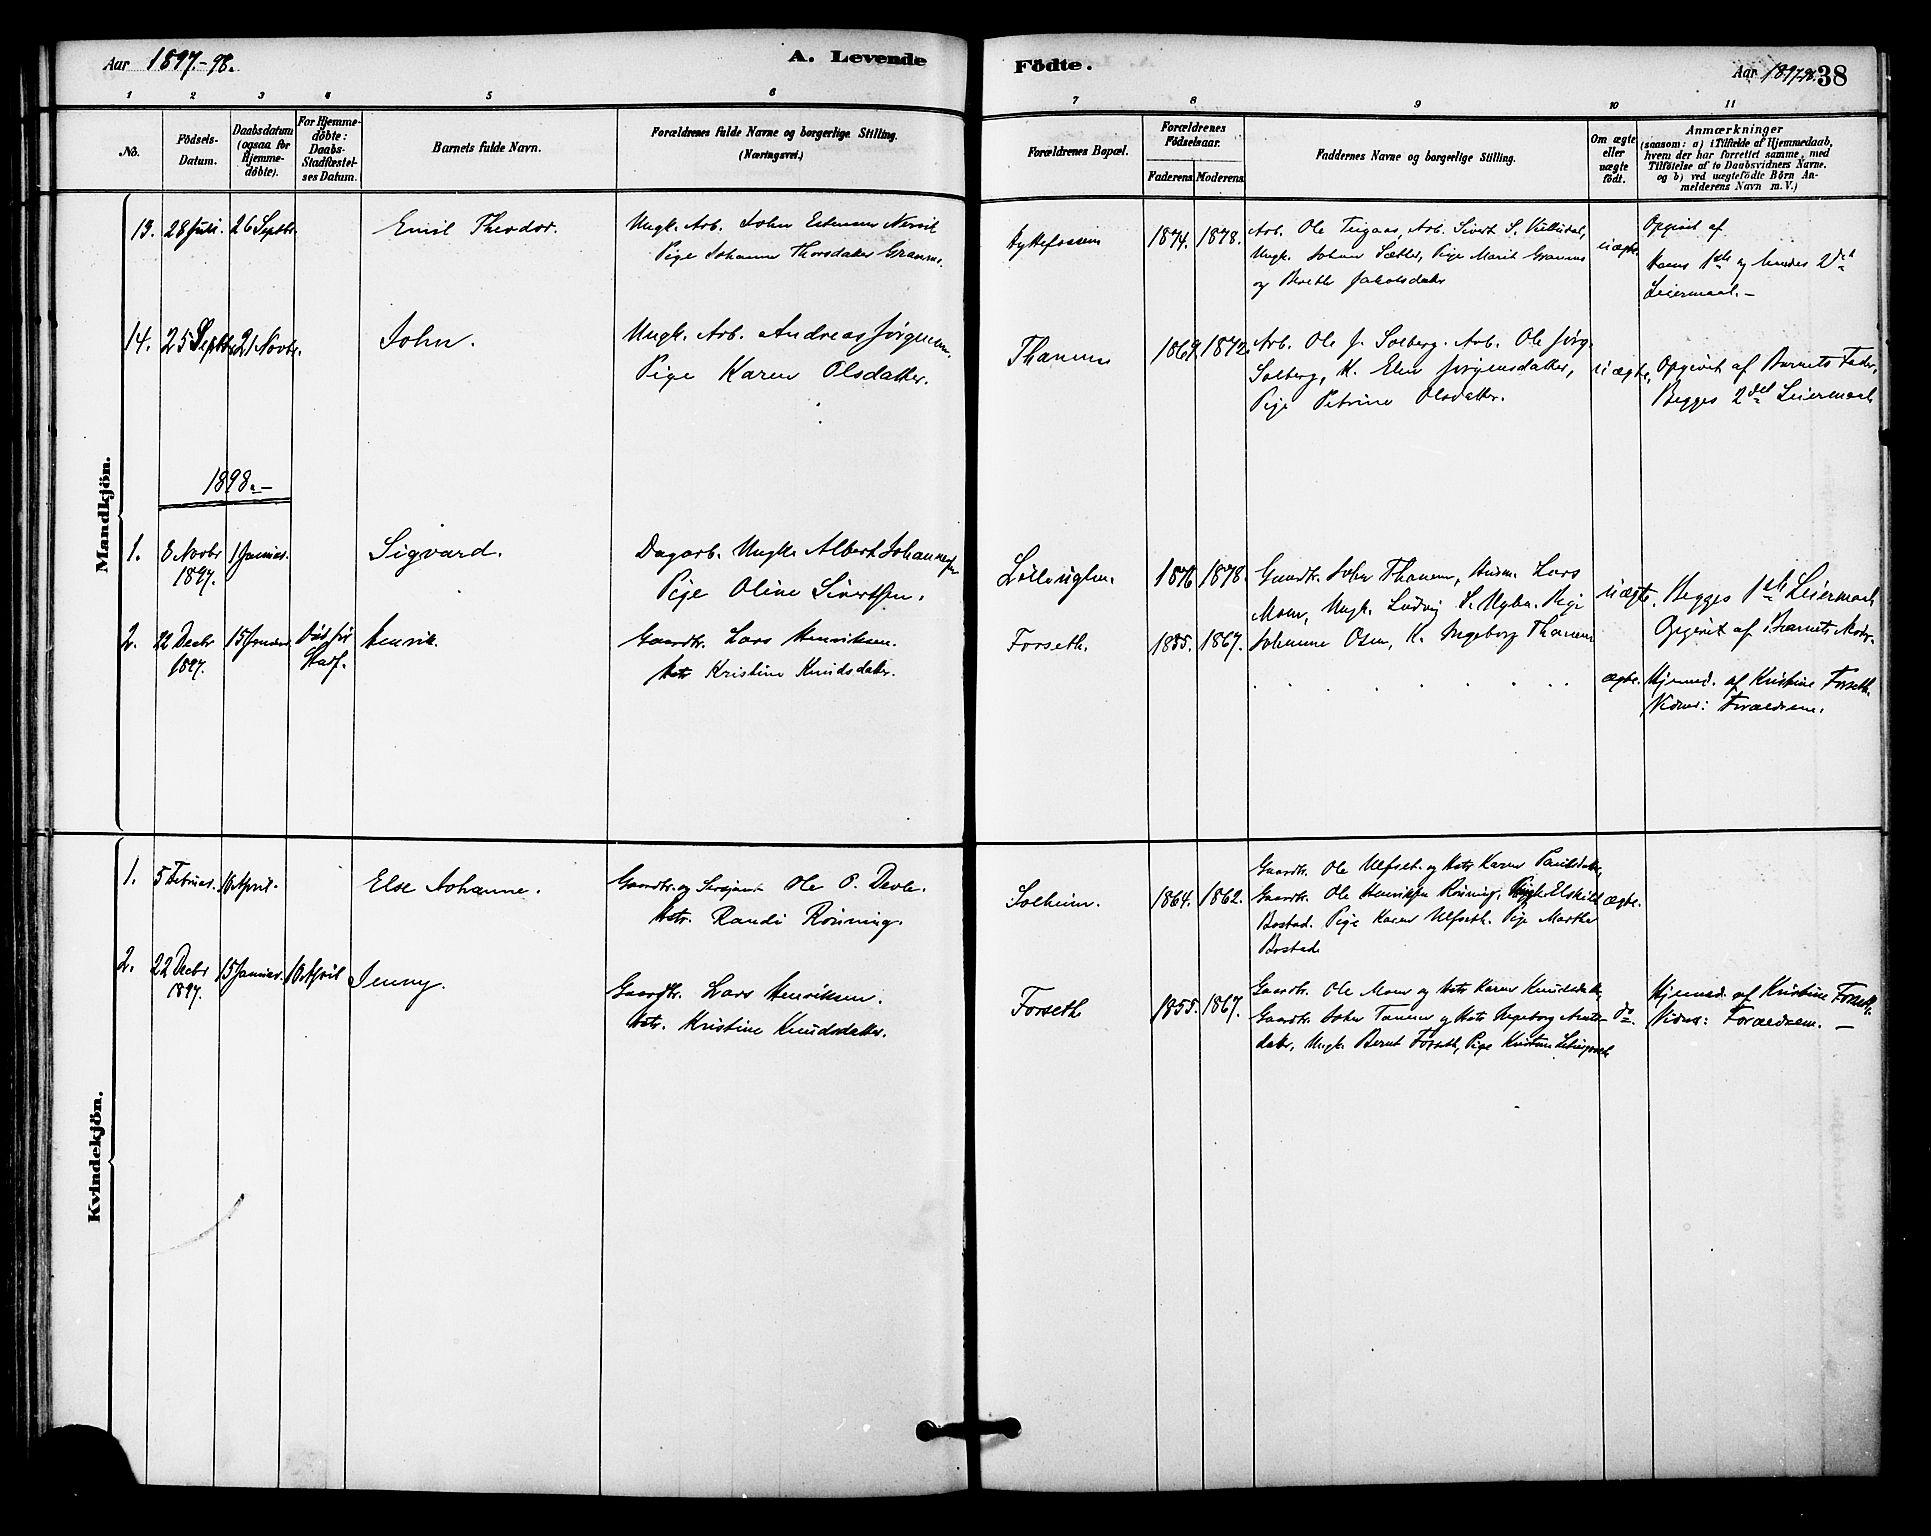 SAT, Ministerialprotokoller, klokkerbøker og fødselsregistre - Sør-Trøndelag, 618/L0444: Ministerialbok nr. 618A07, 1880-1898, s. 38